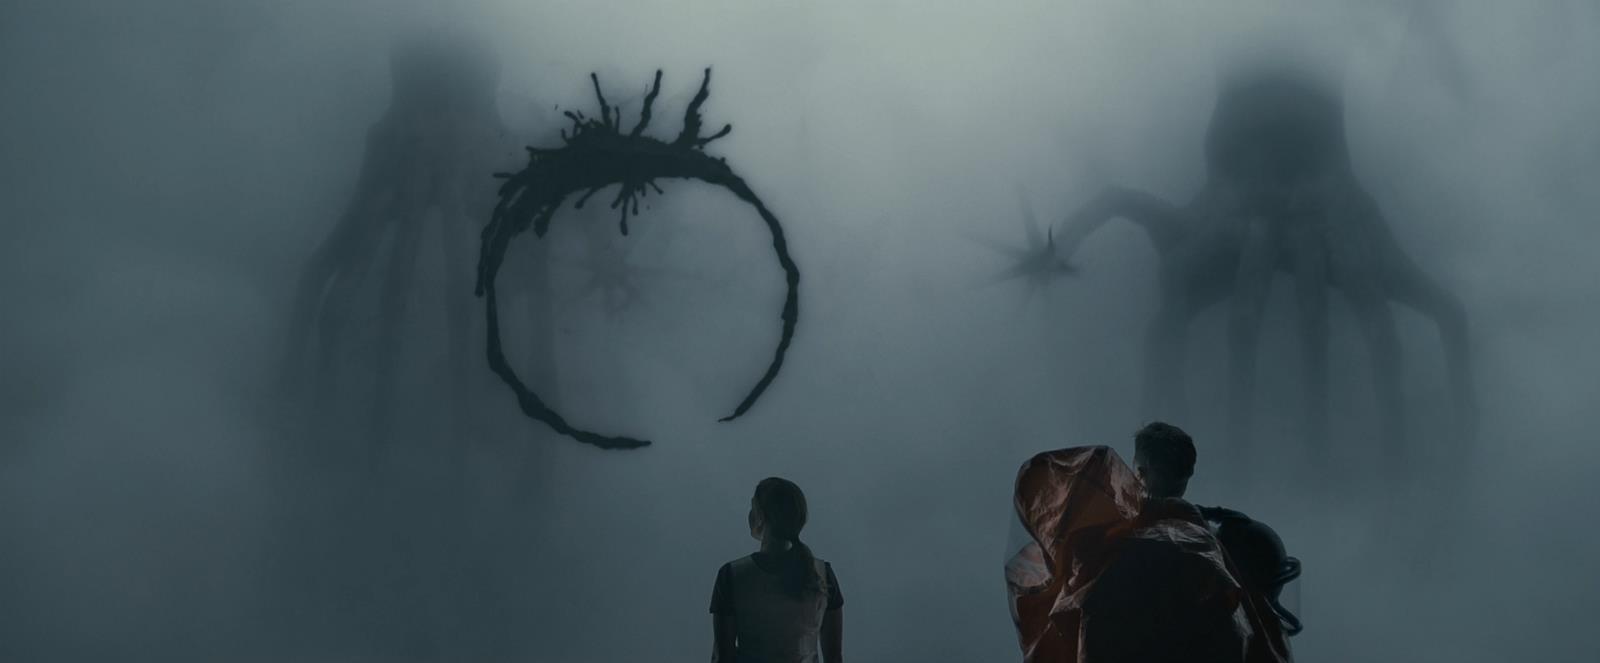 7 phim hack não người xem bằng ngôn ngữ: Số 1 Black Widow xinh như mộng! - Ảnh 17.